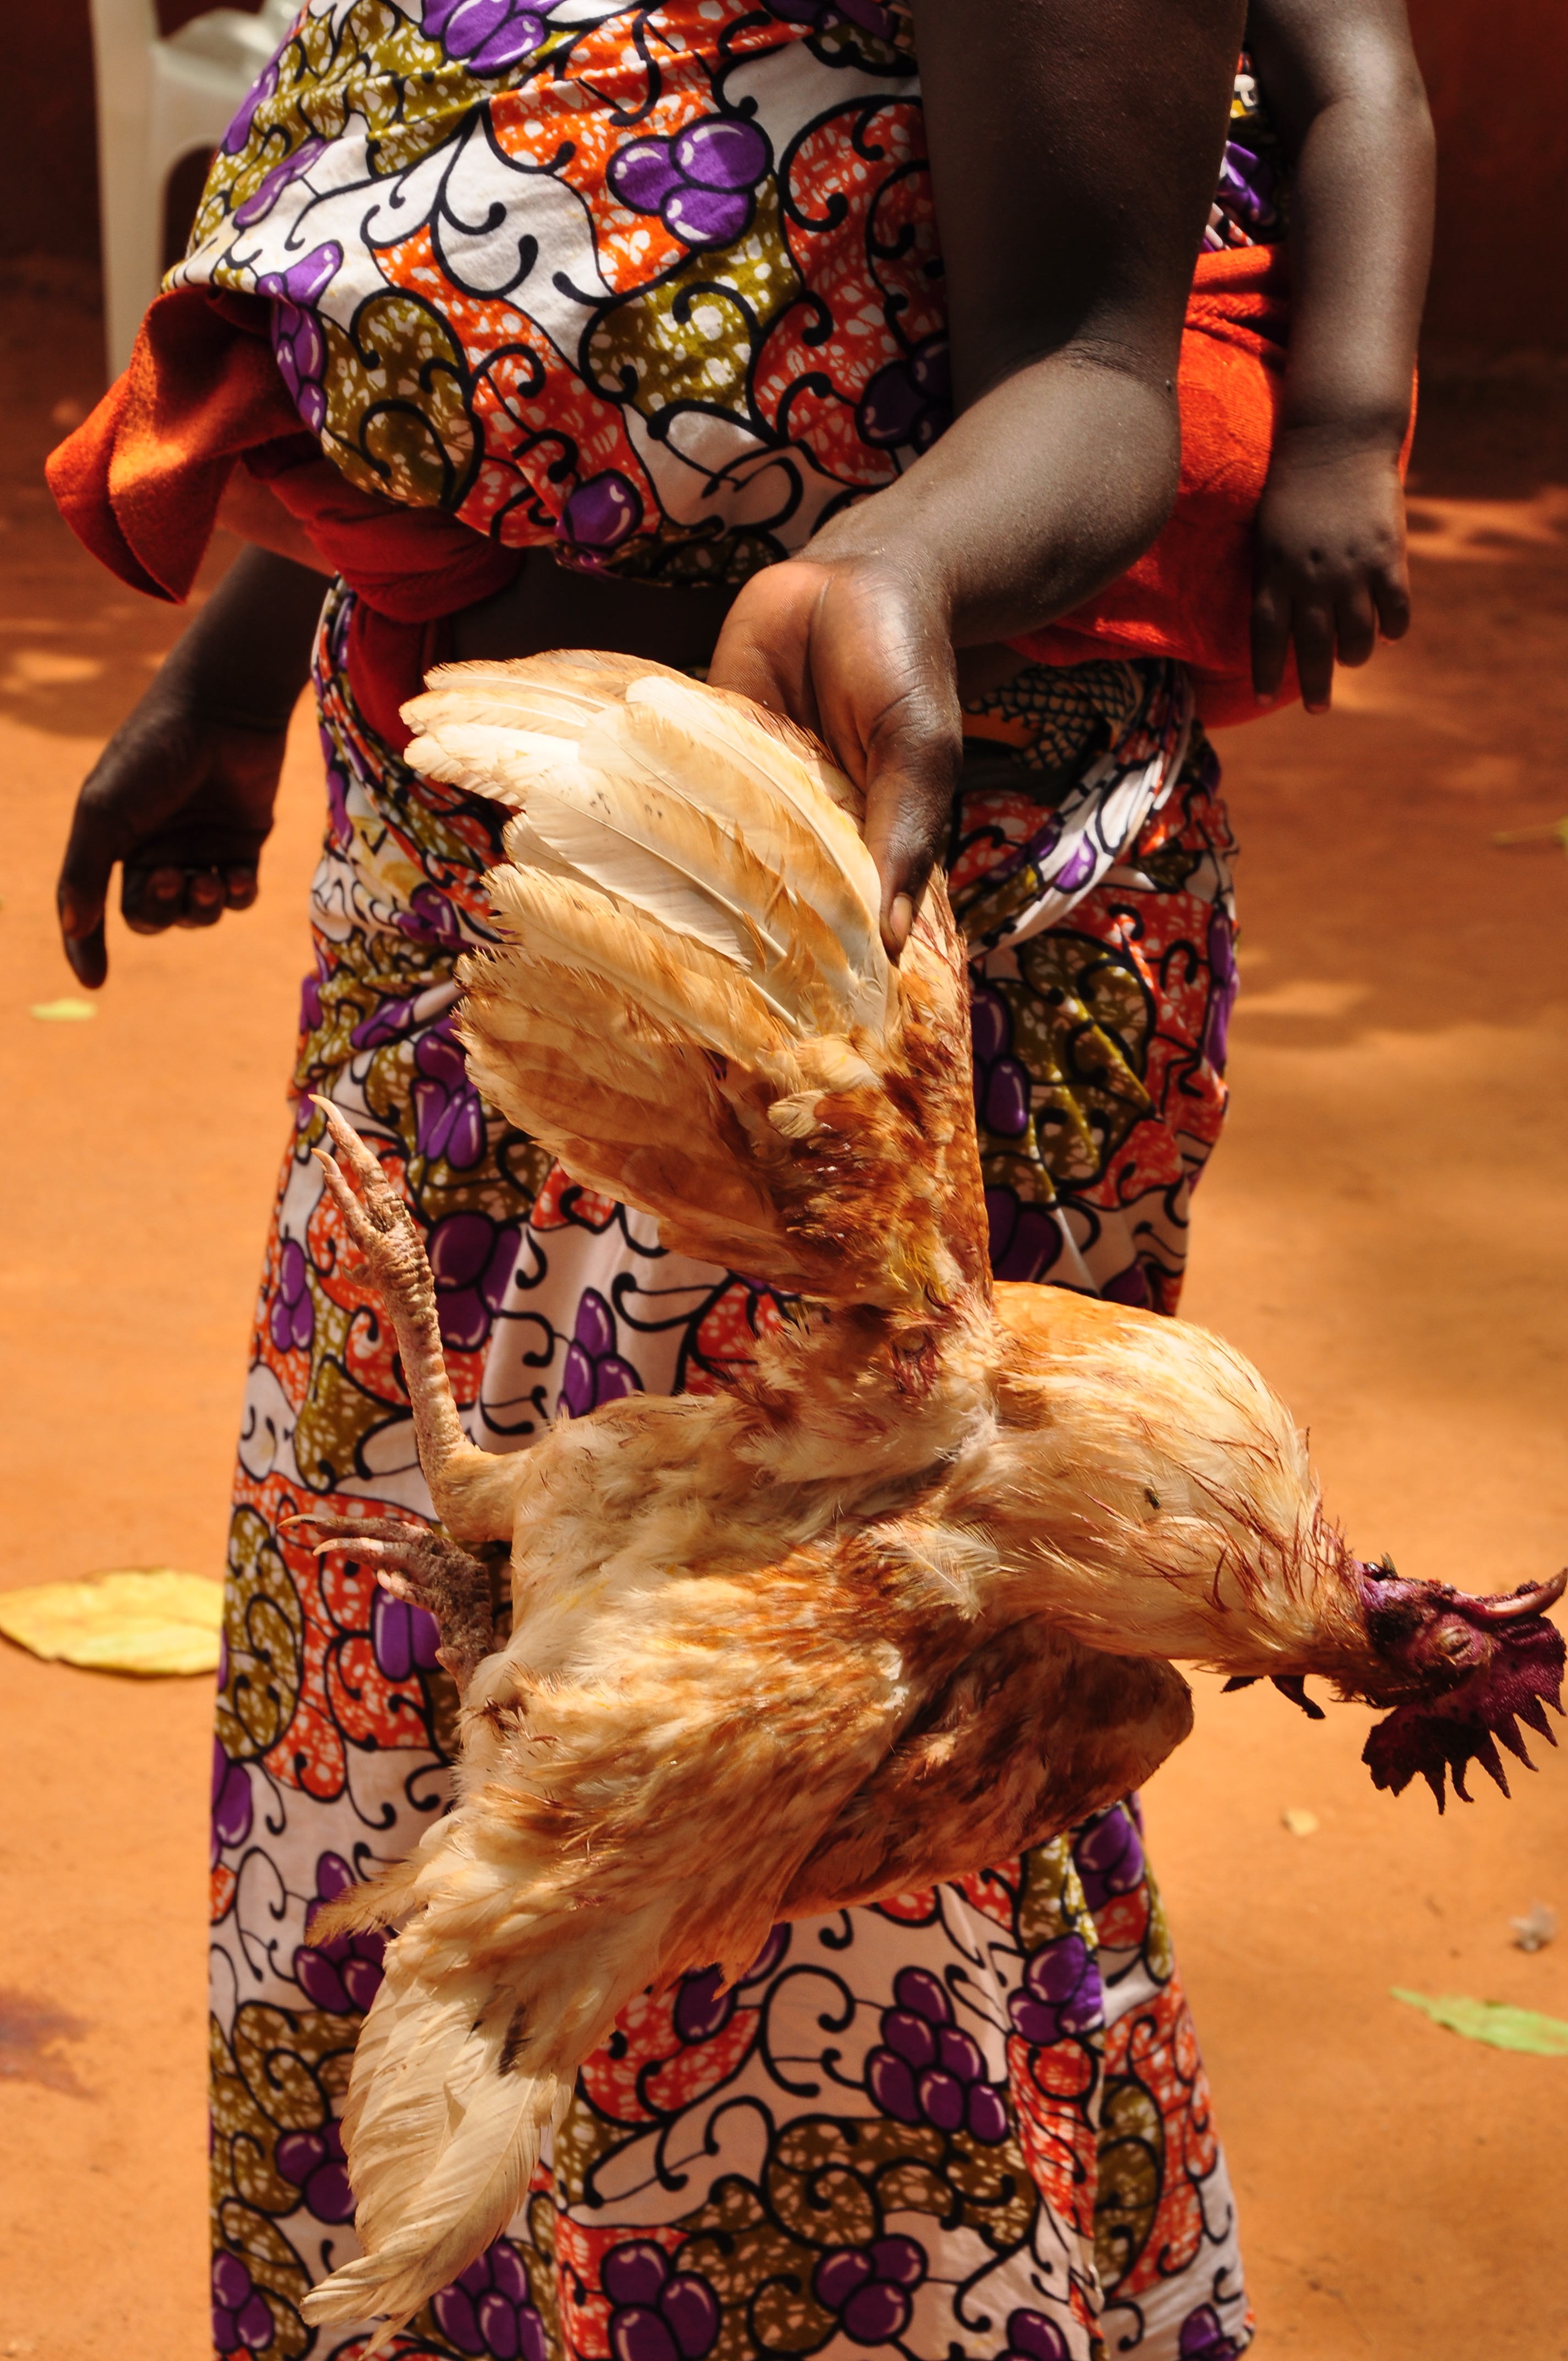 Animal sacrifice, Benin